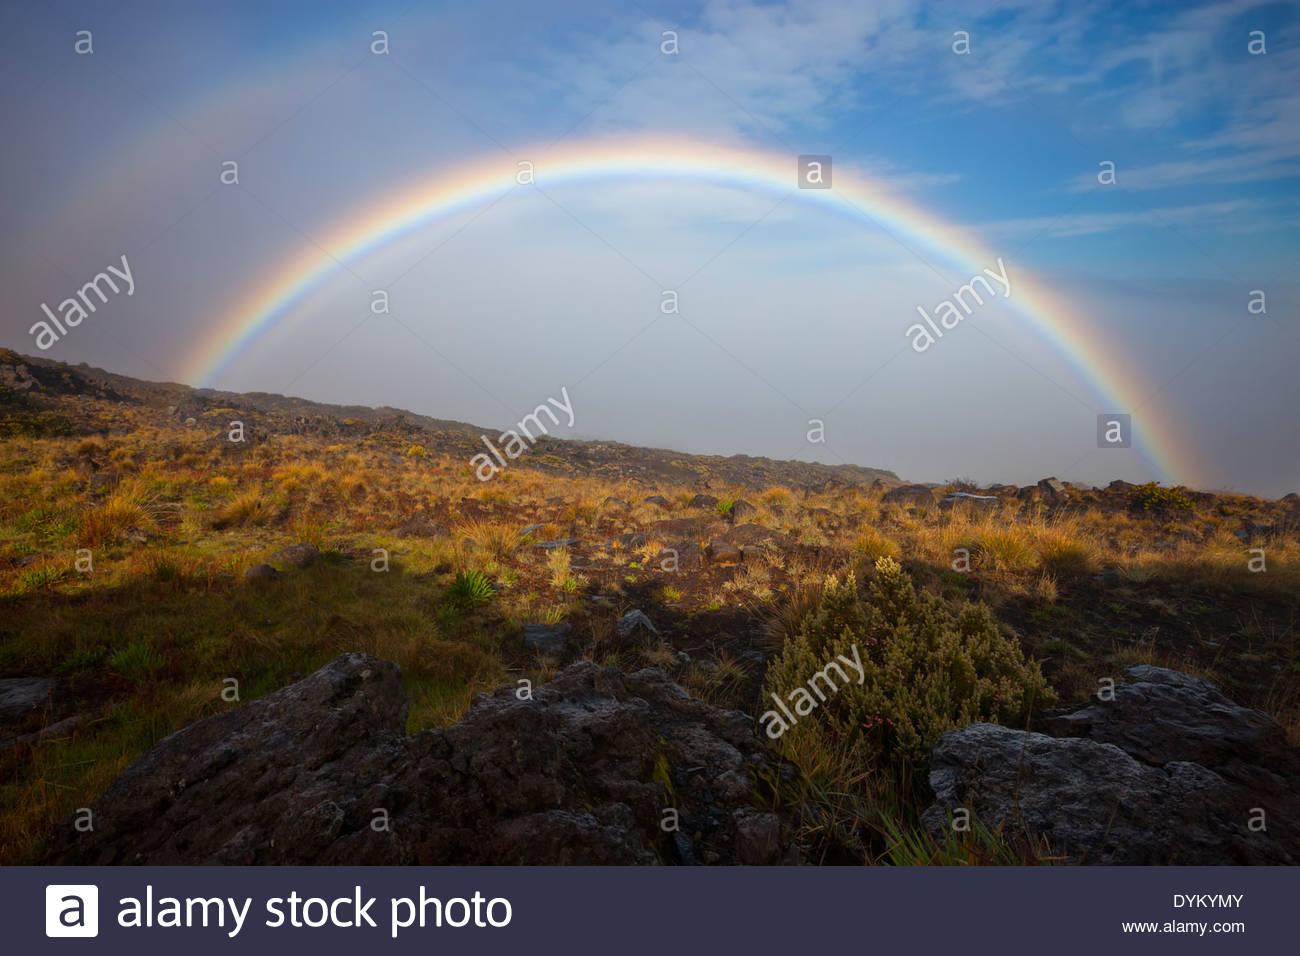 Un brillante arcobaleno si estende attraverso il robusto versante orientale del dormiente vulcano Haleakalā sull'isola di Maui, Hawai'i. Immagini Stock